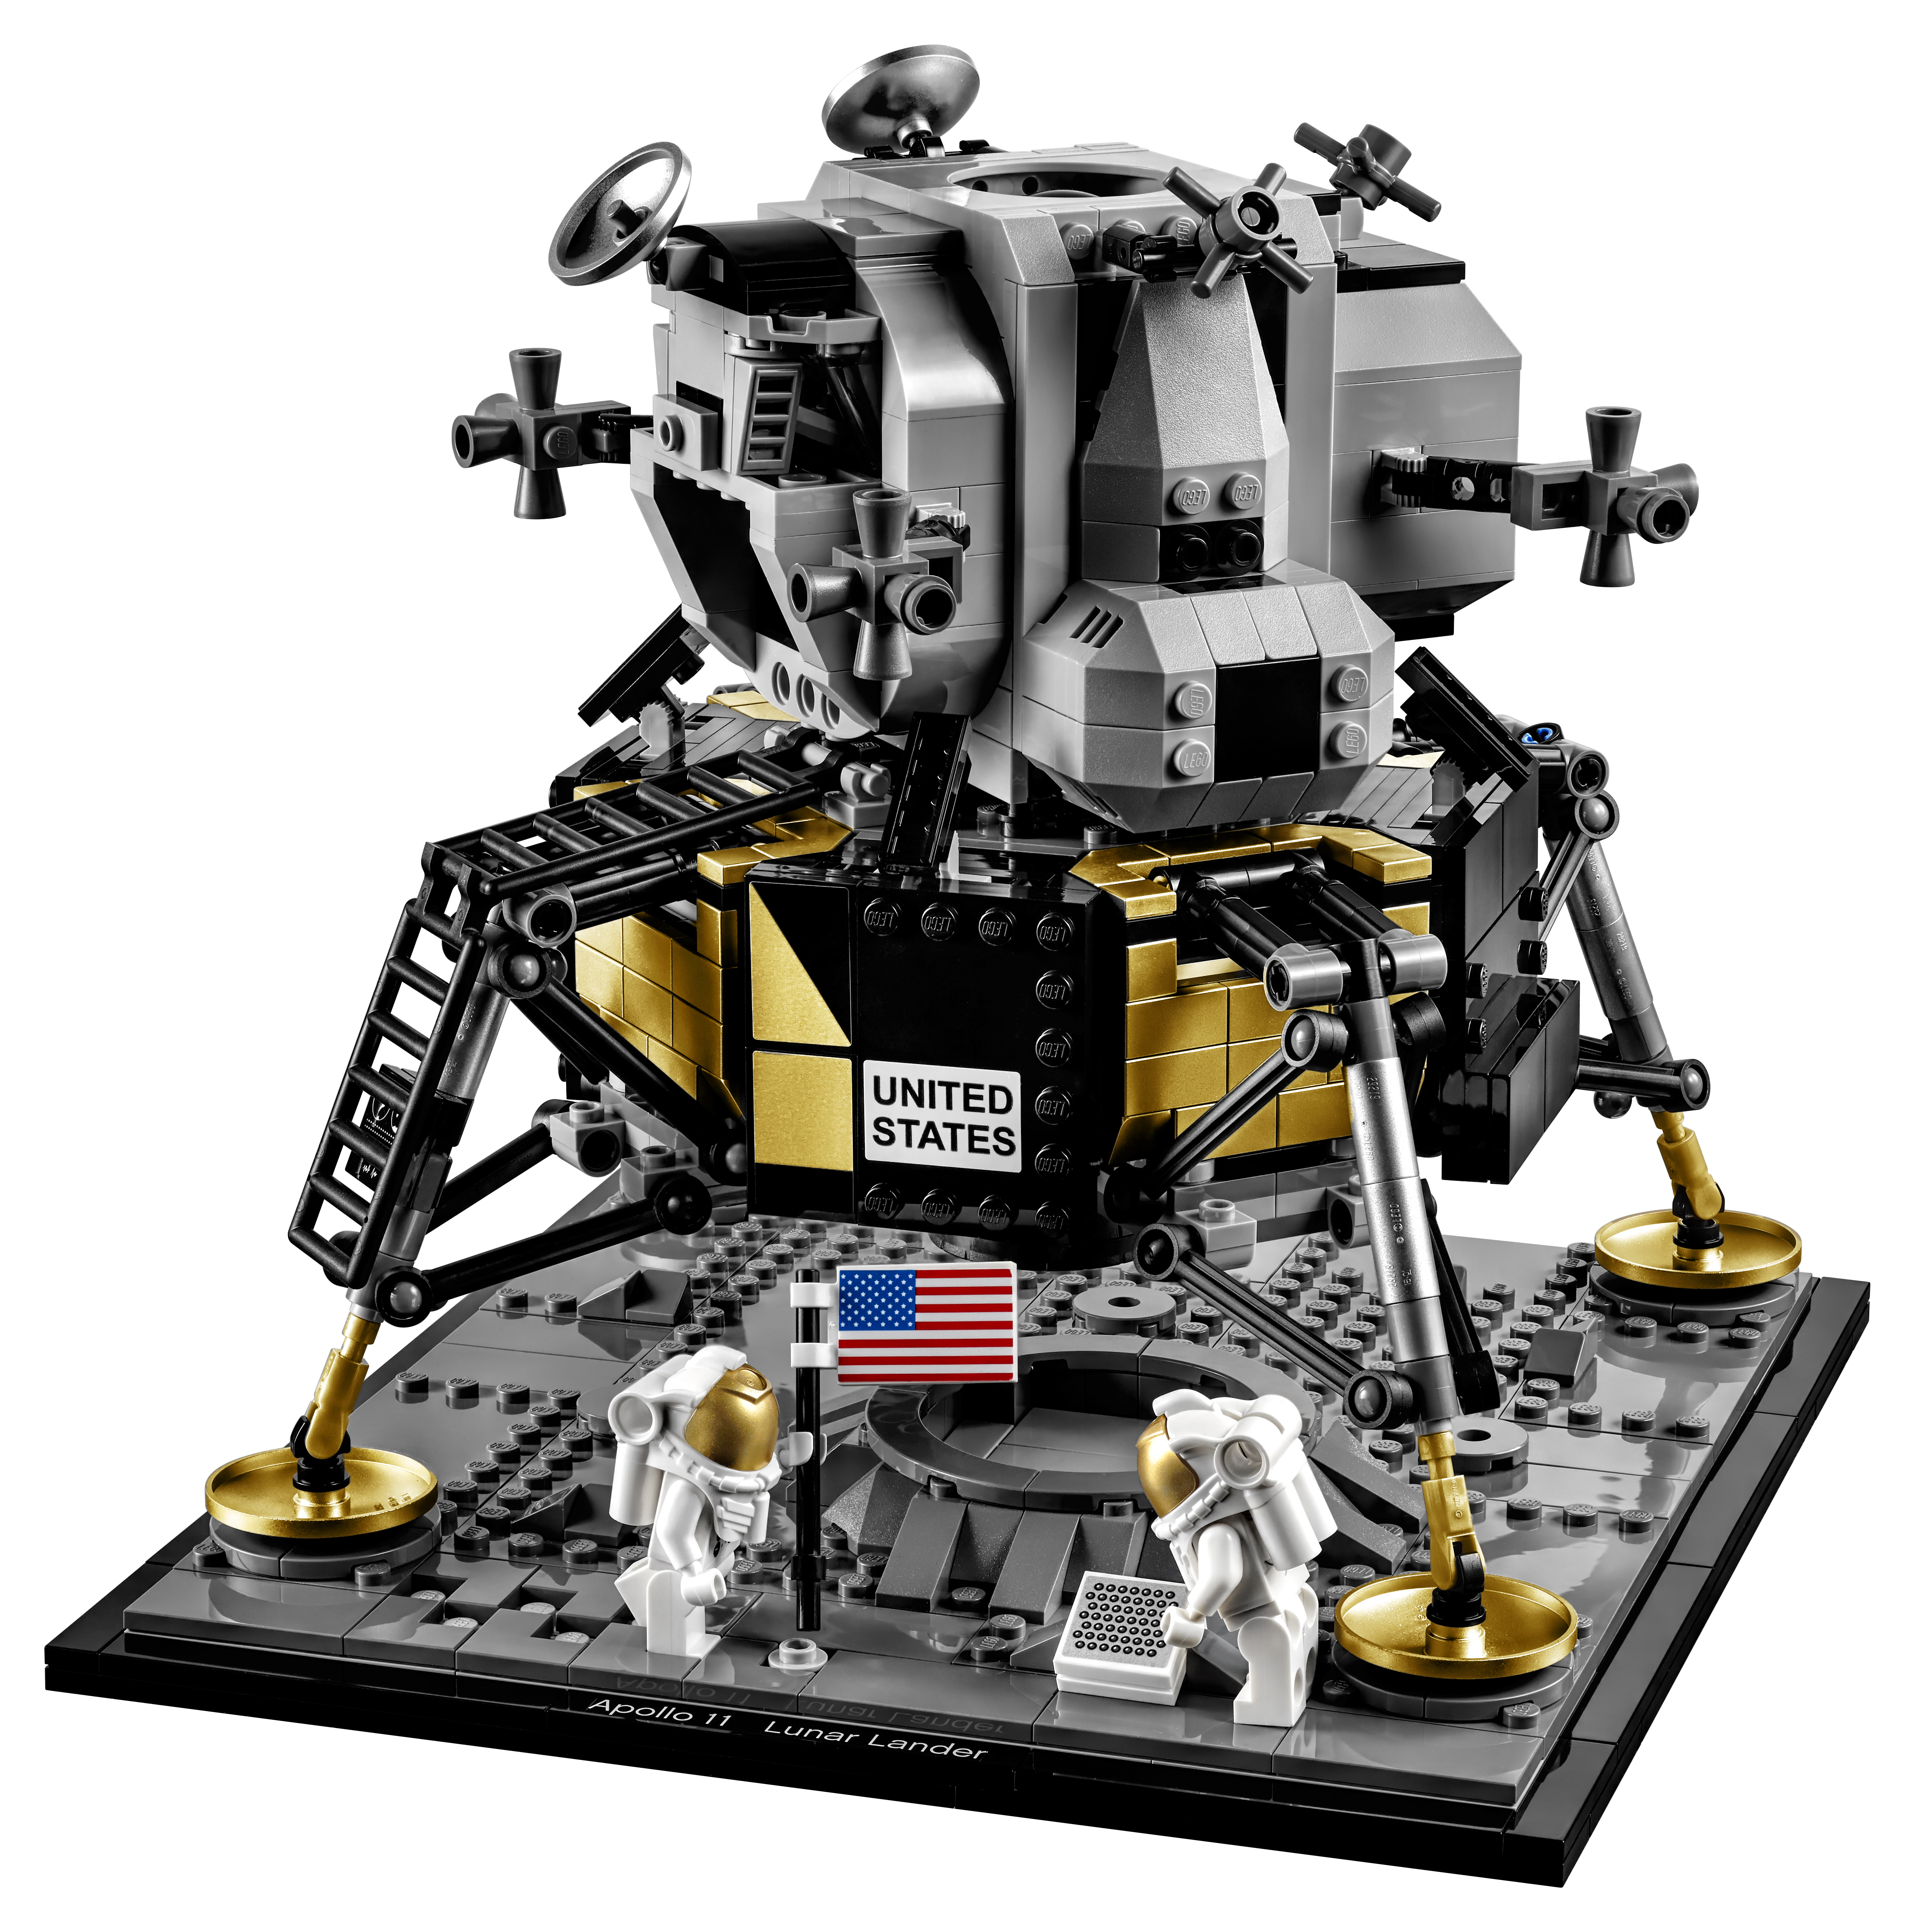 HighRes_10266_Lunar-Lander_product.jpg